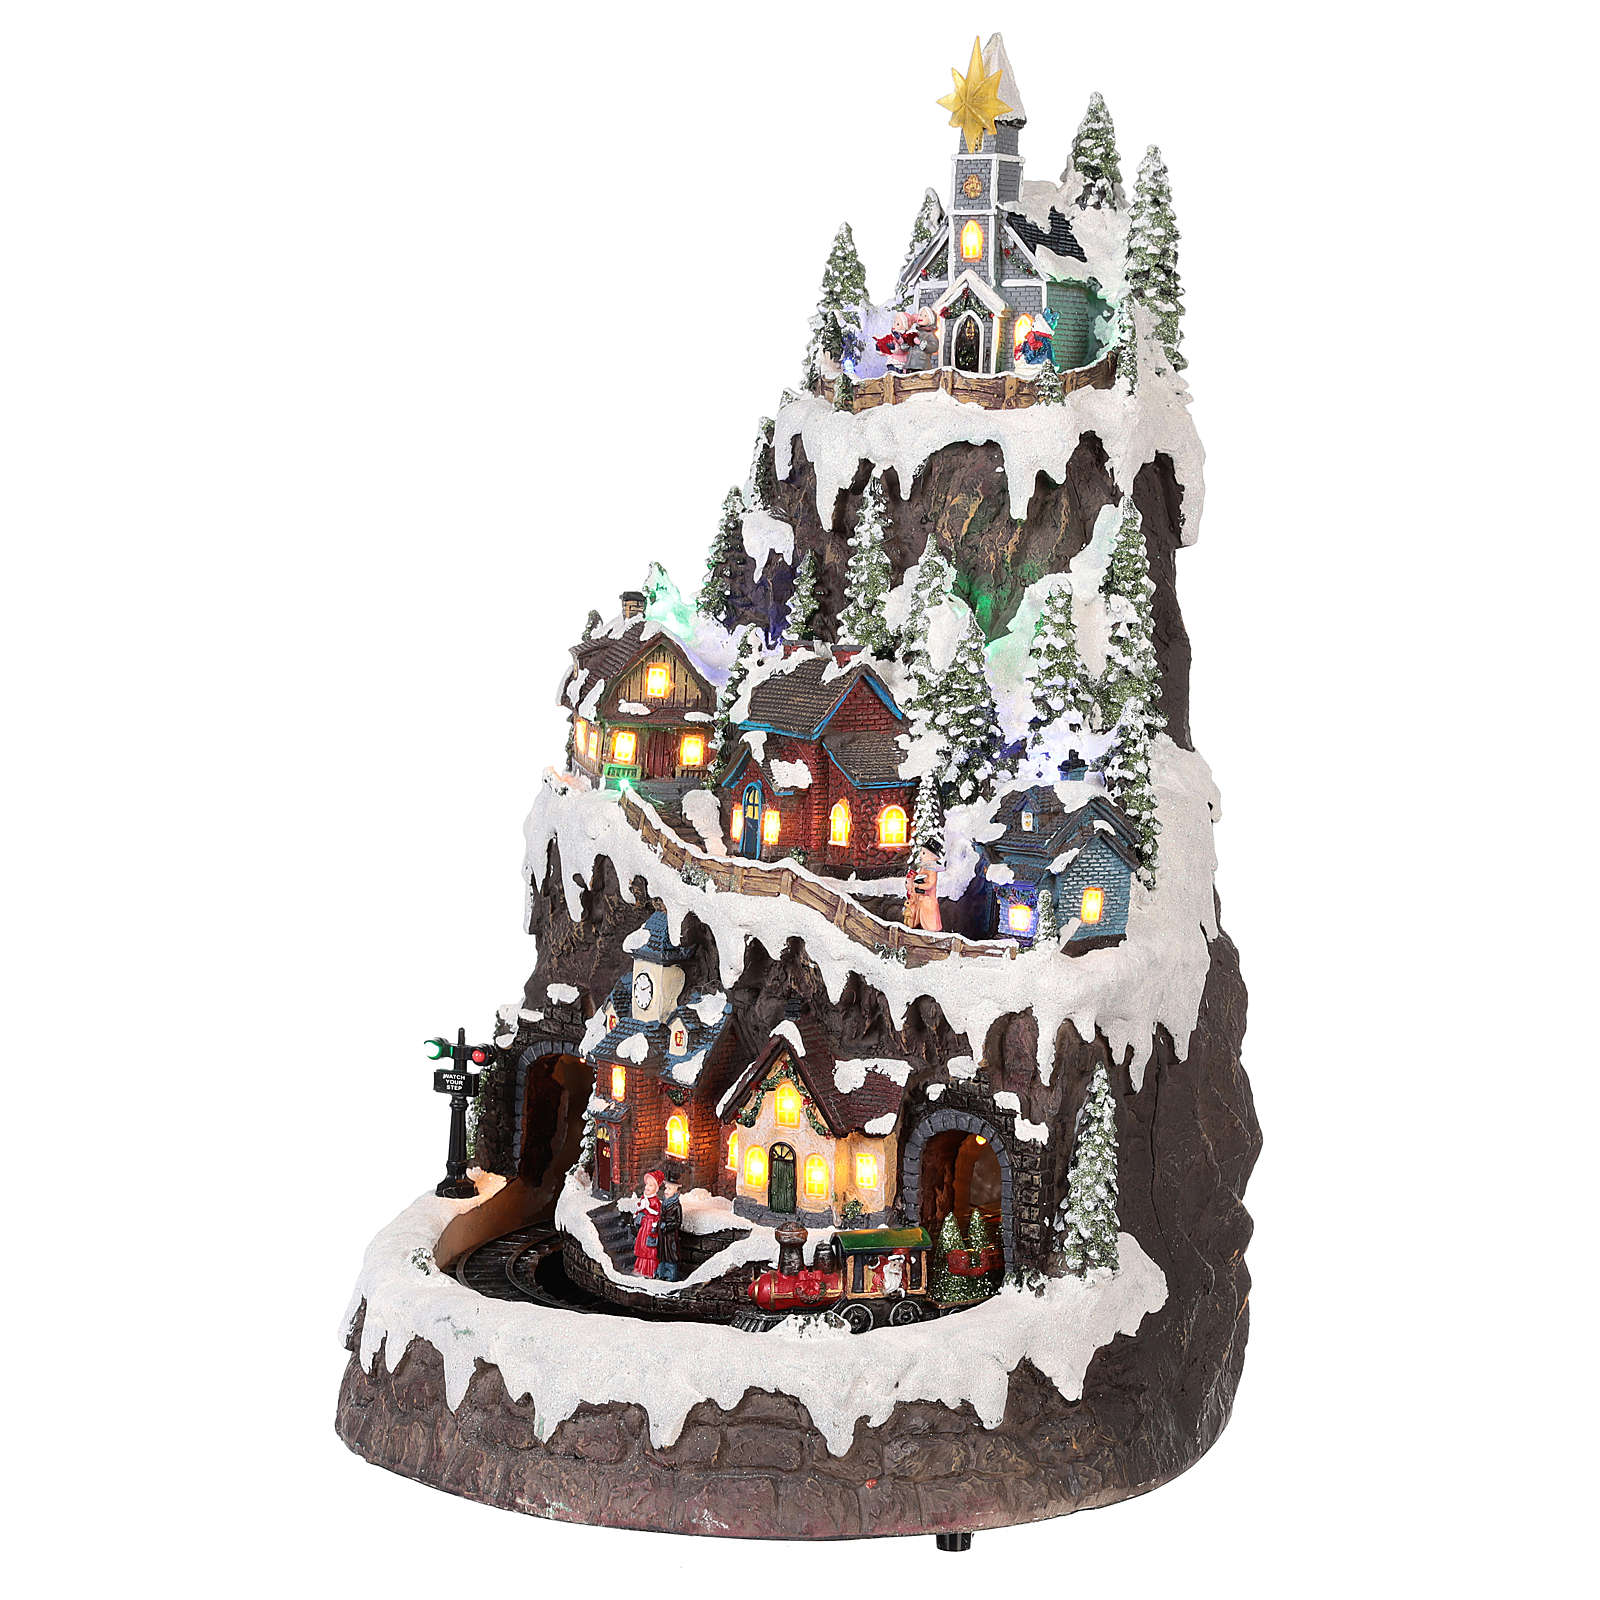 Villaggio natalizio montagna innevata movimento luce musica 50x35x30 3